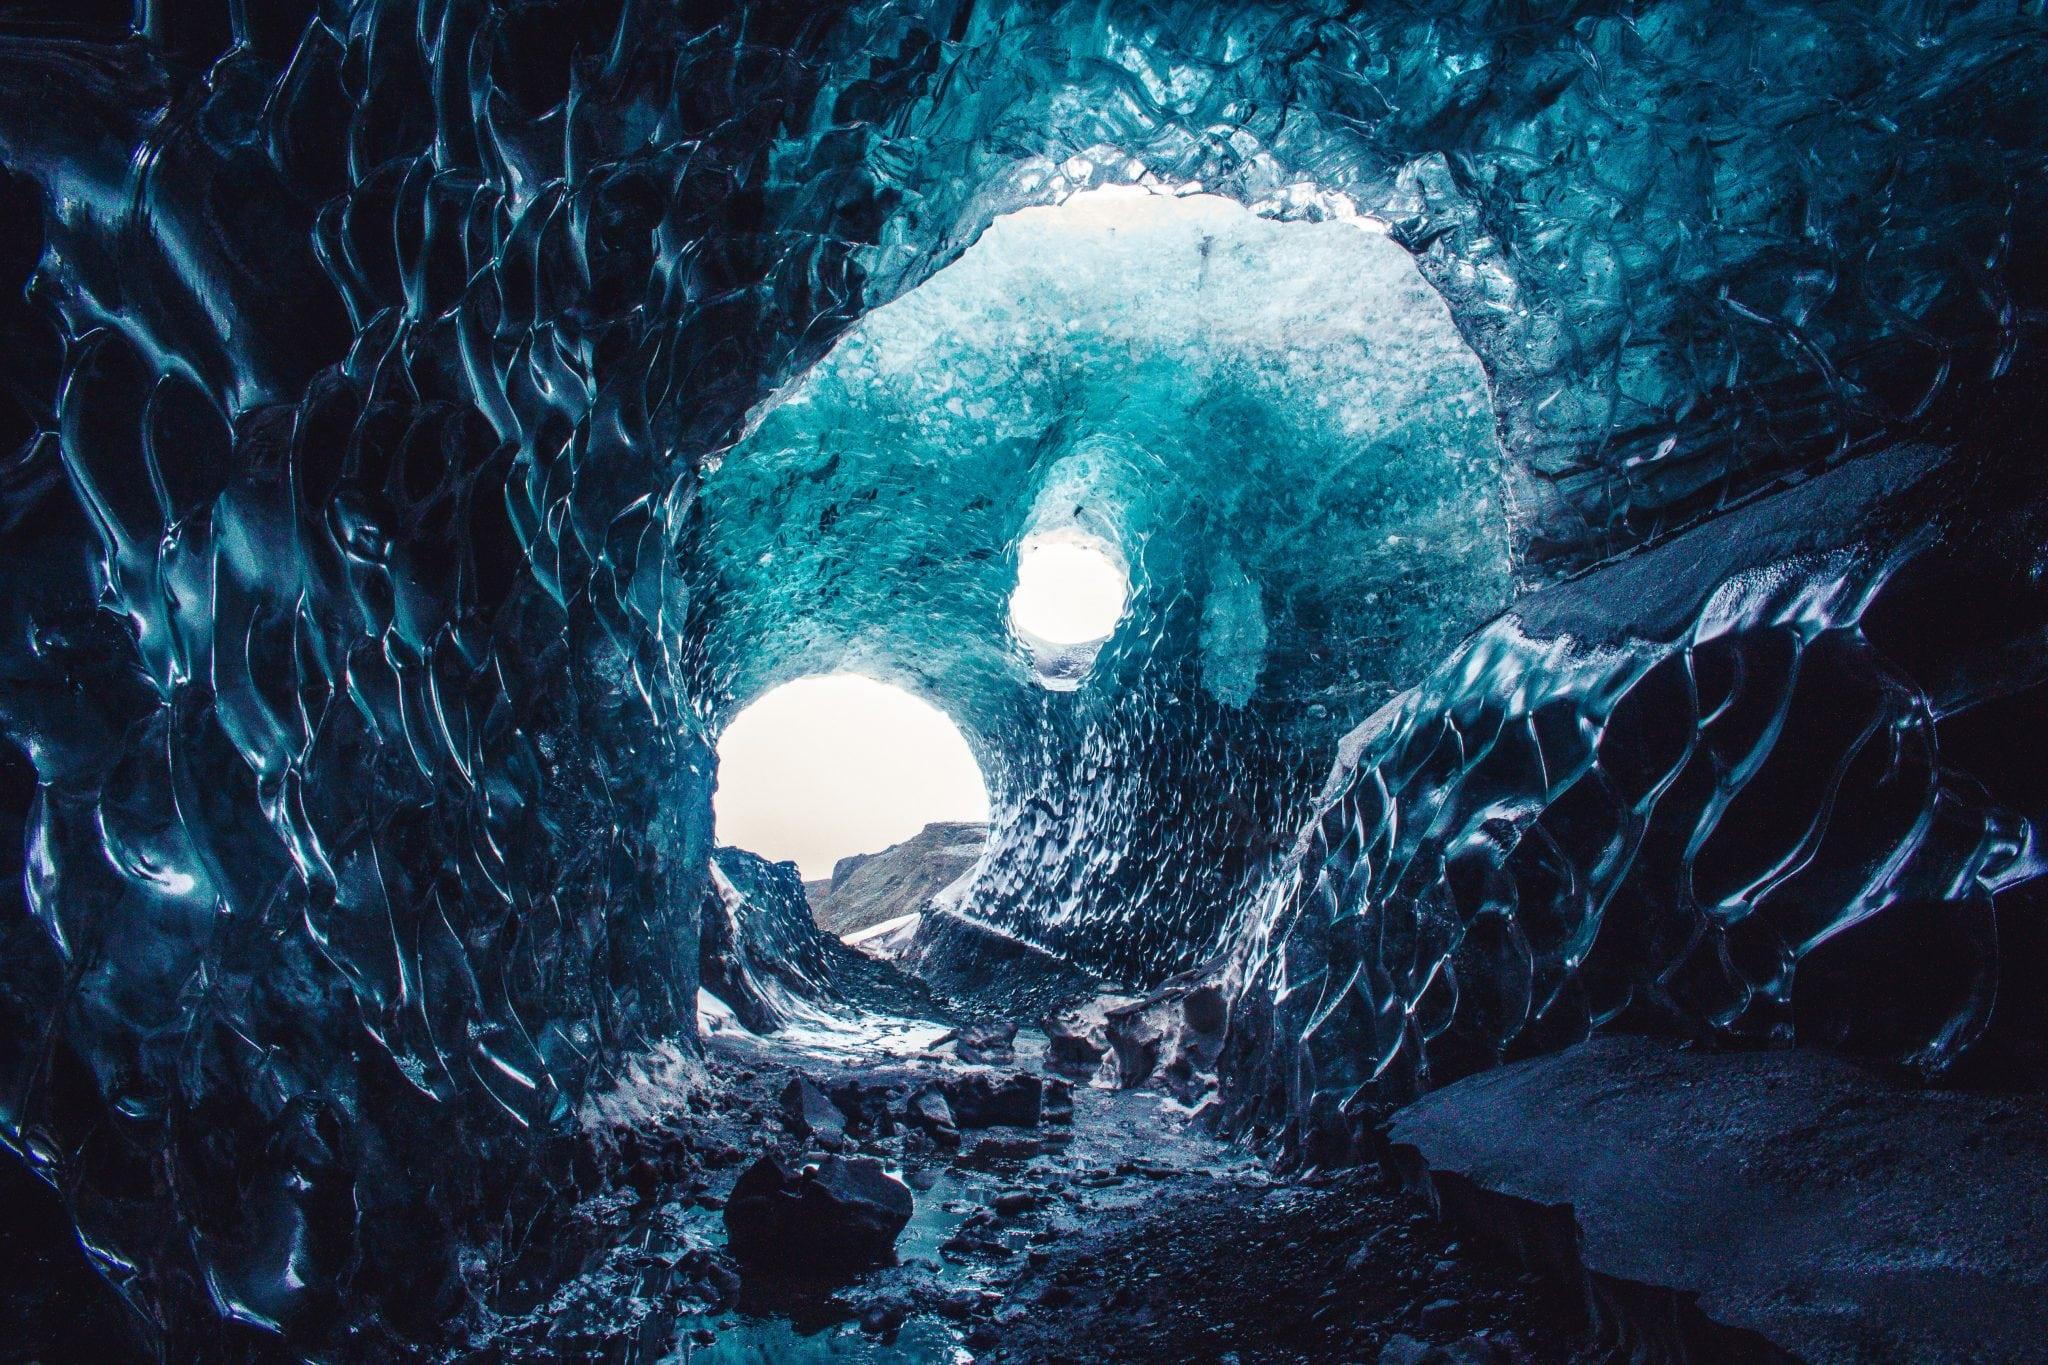 Ice-Caves in Vatnajökull - Visit Vatnajökull